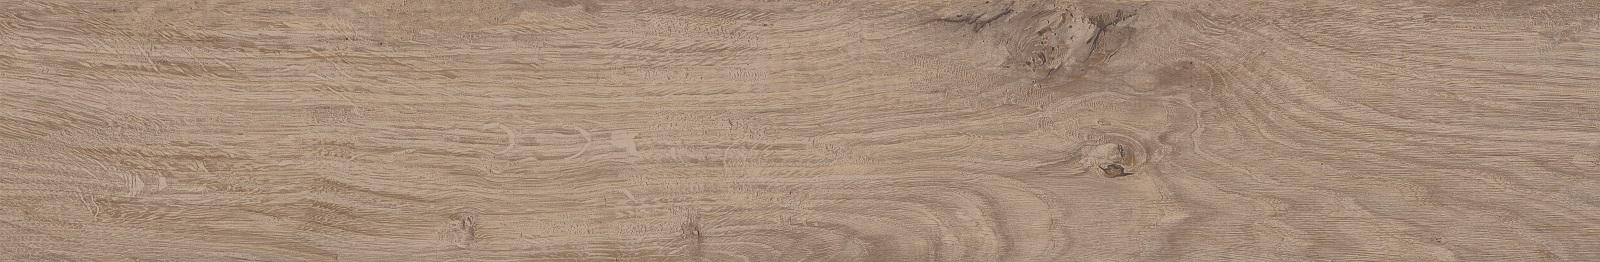 Плитка Allwood Brown (zzxwu6r) изображение 6